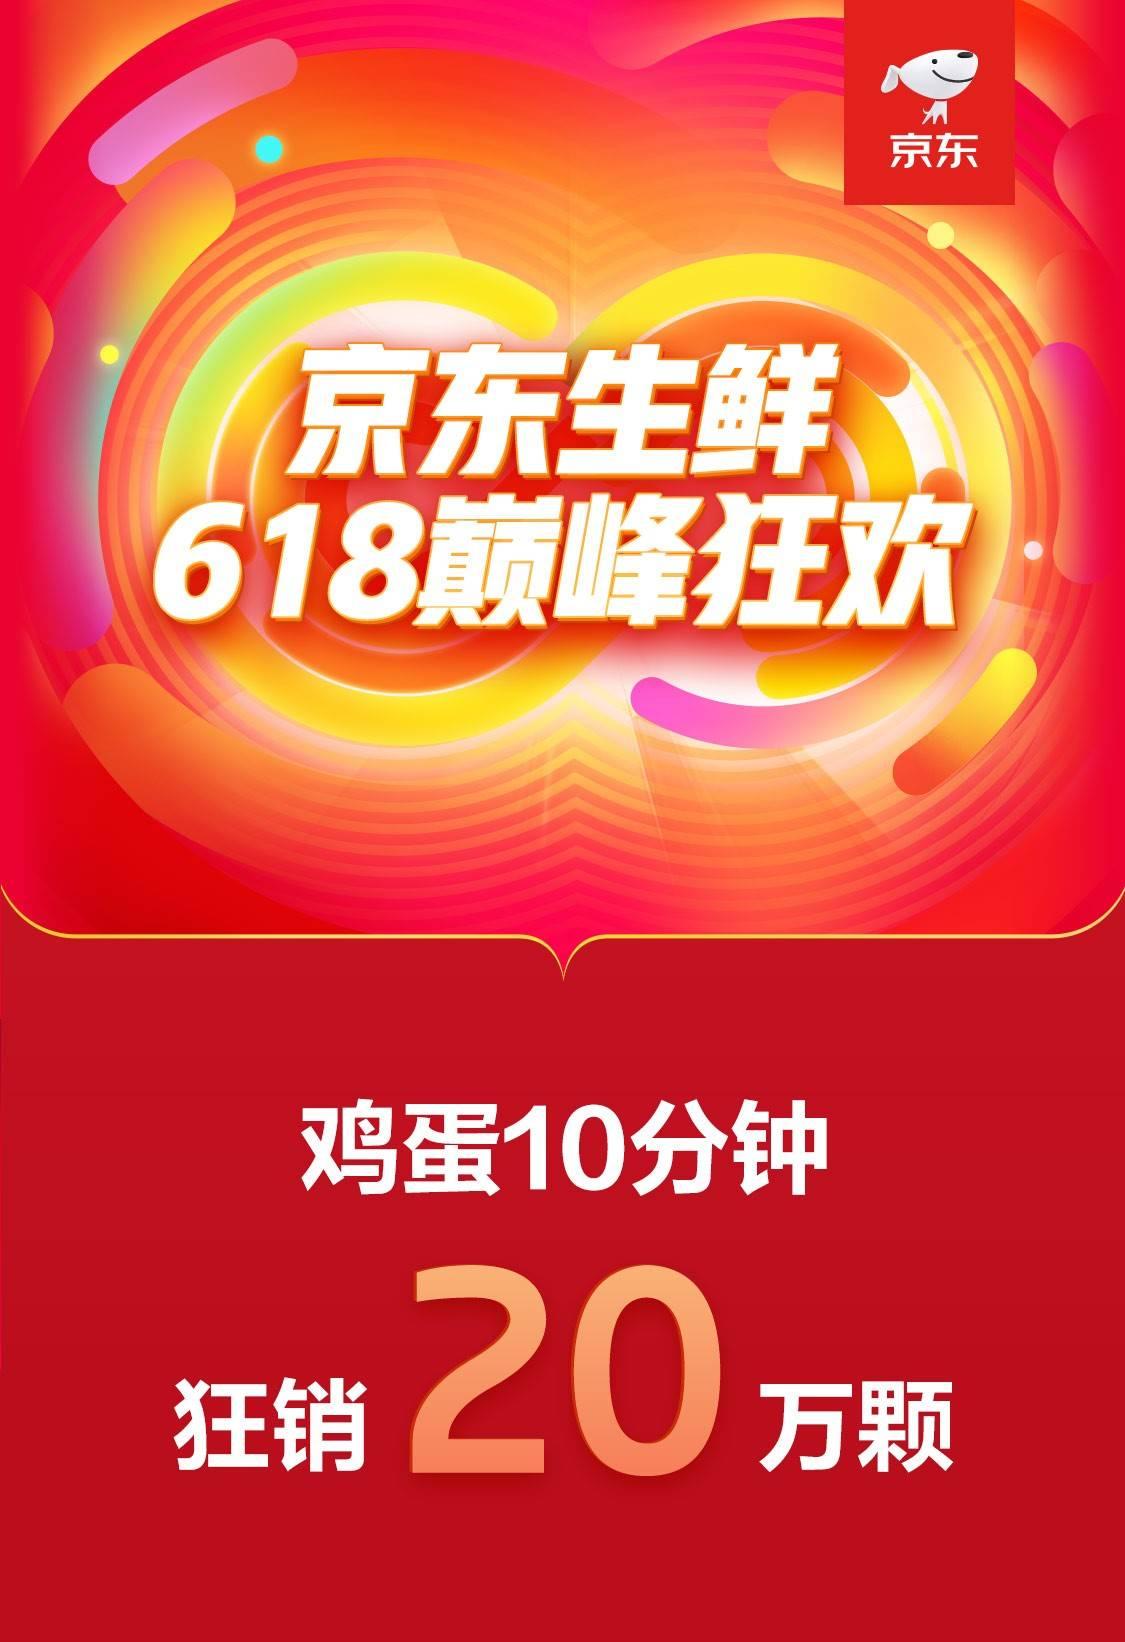 """10分钟卖了20万颗鸡蛋!京东618成消费者""""云买菜""""首选主场"""